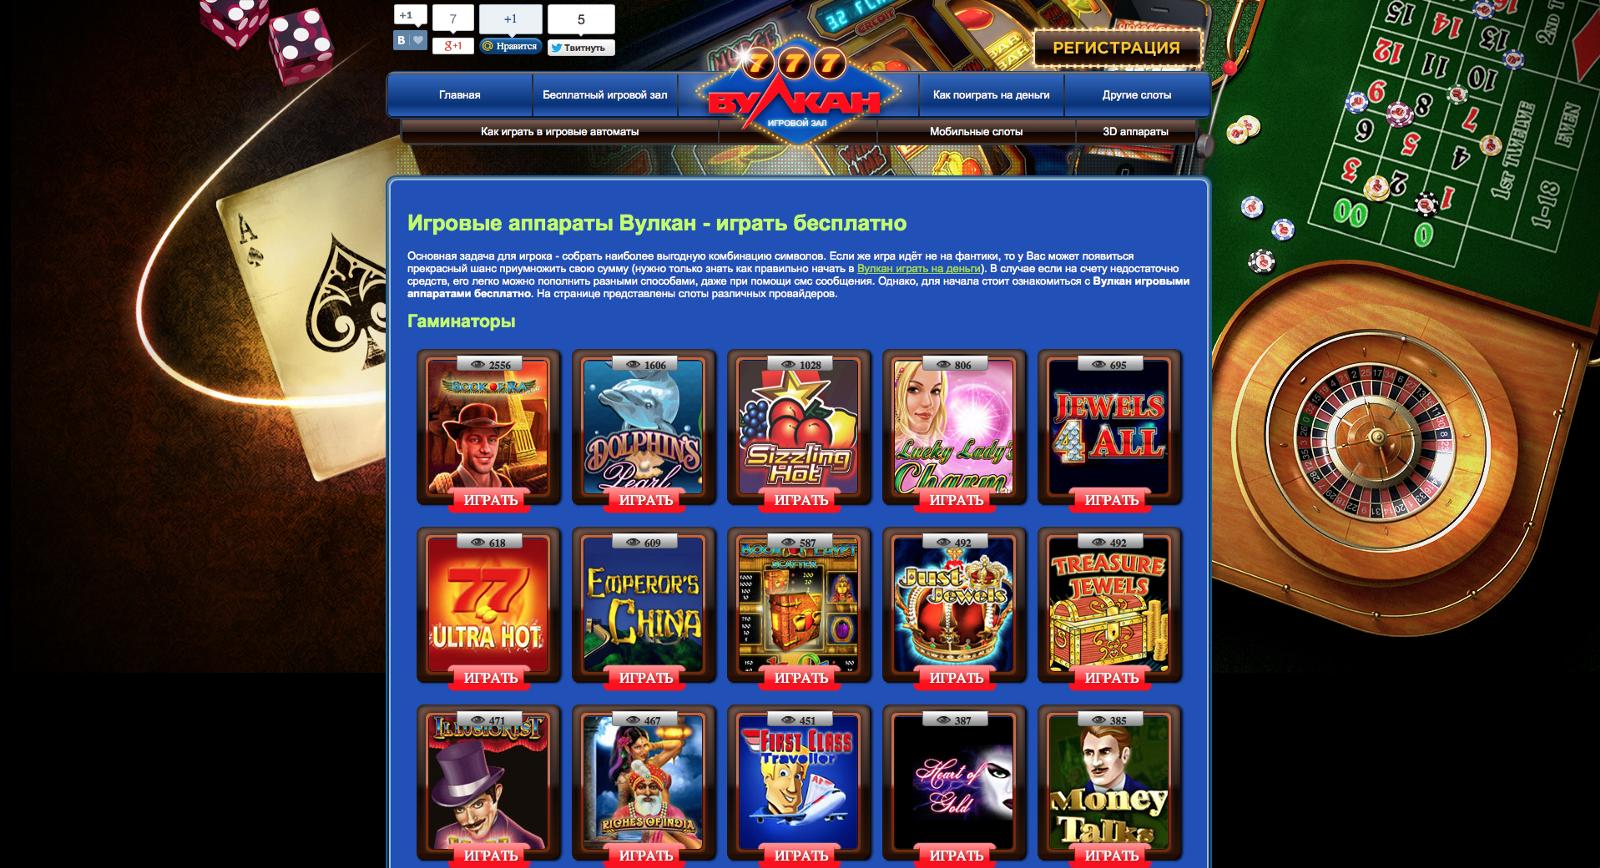 играть клуб вулкан автомат онлайн